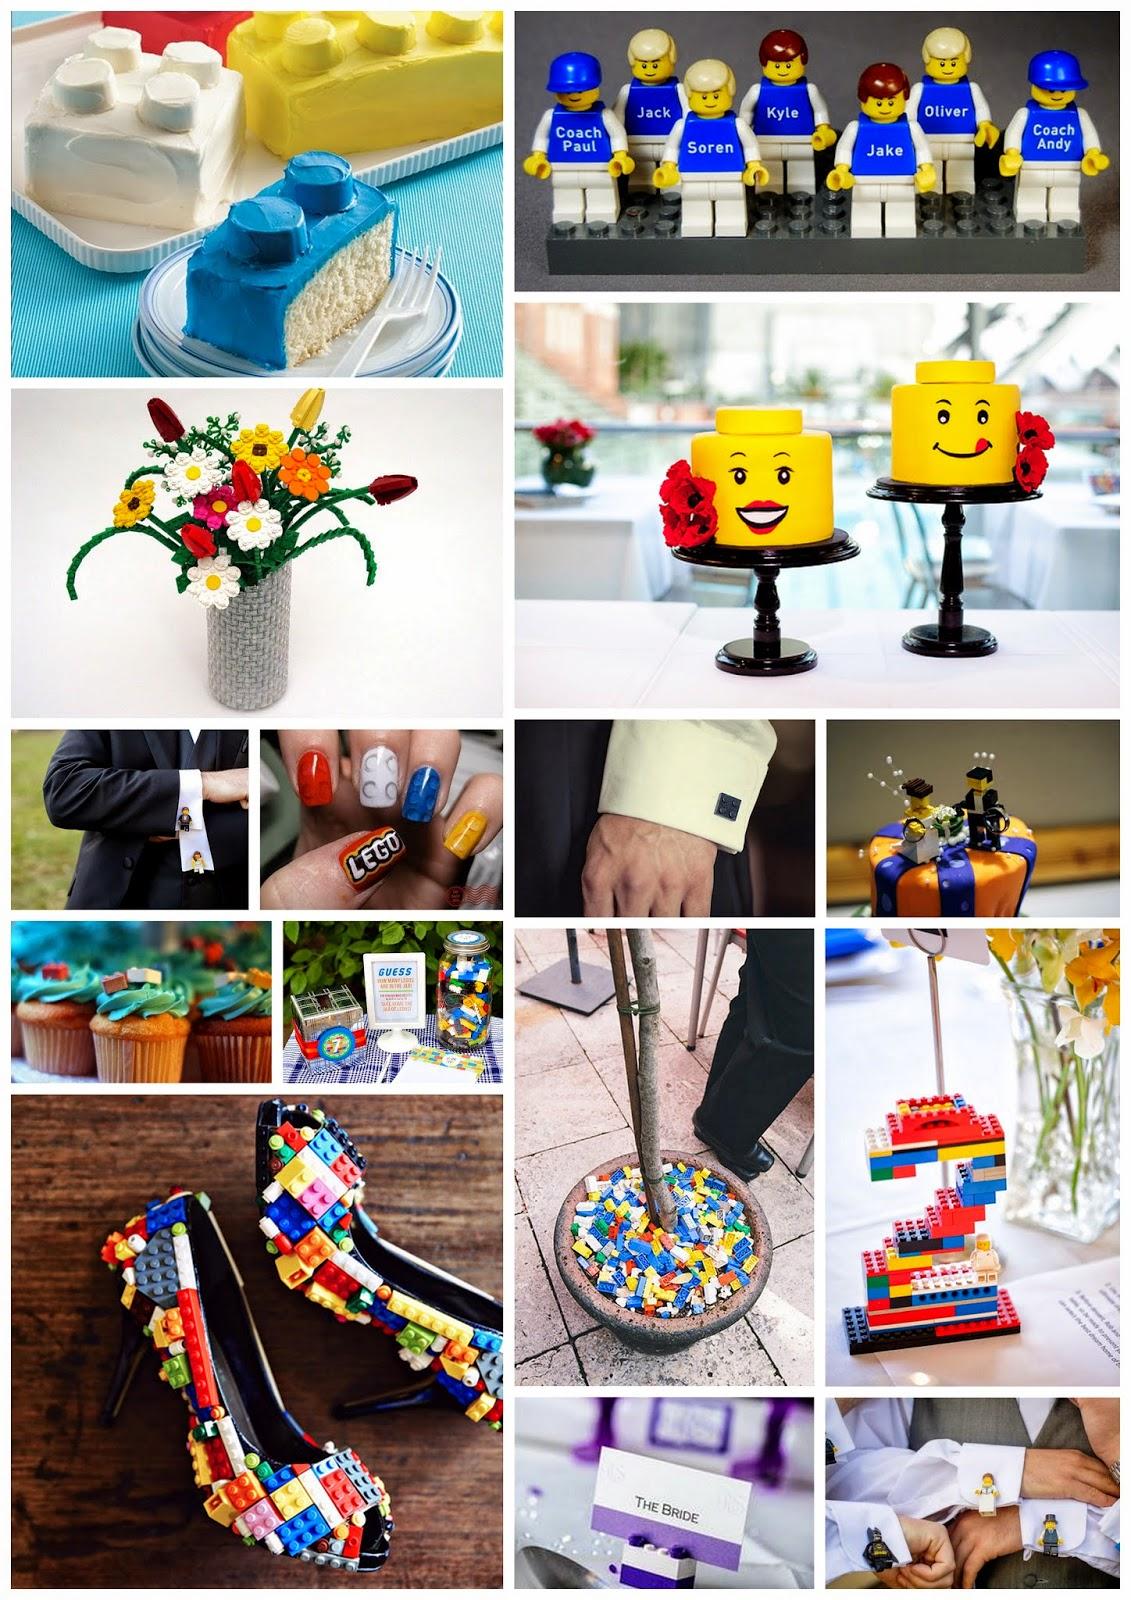 Matrimonio Tema Lego : Matrimonio e un tocco di classe: 100 temi per un matrimonio ii parte